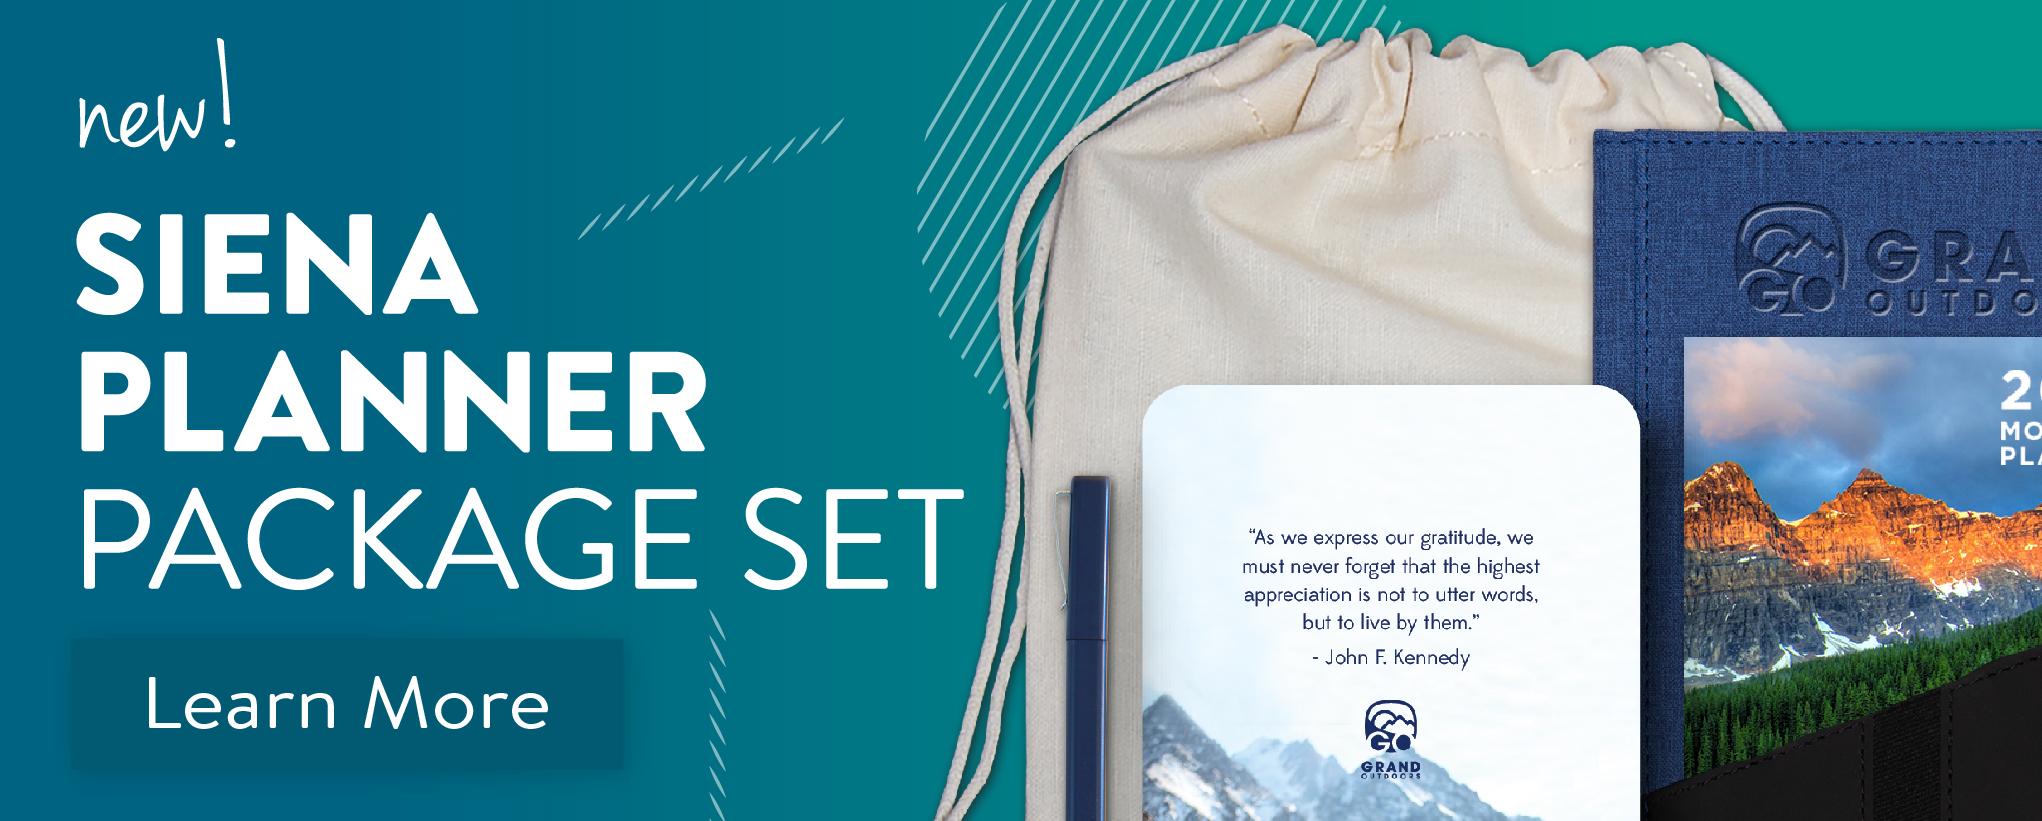 Siena Planner Package